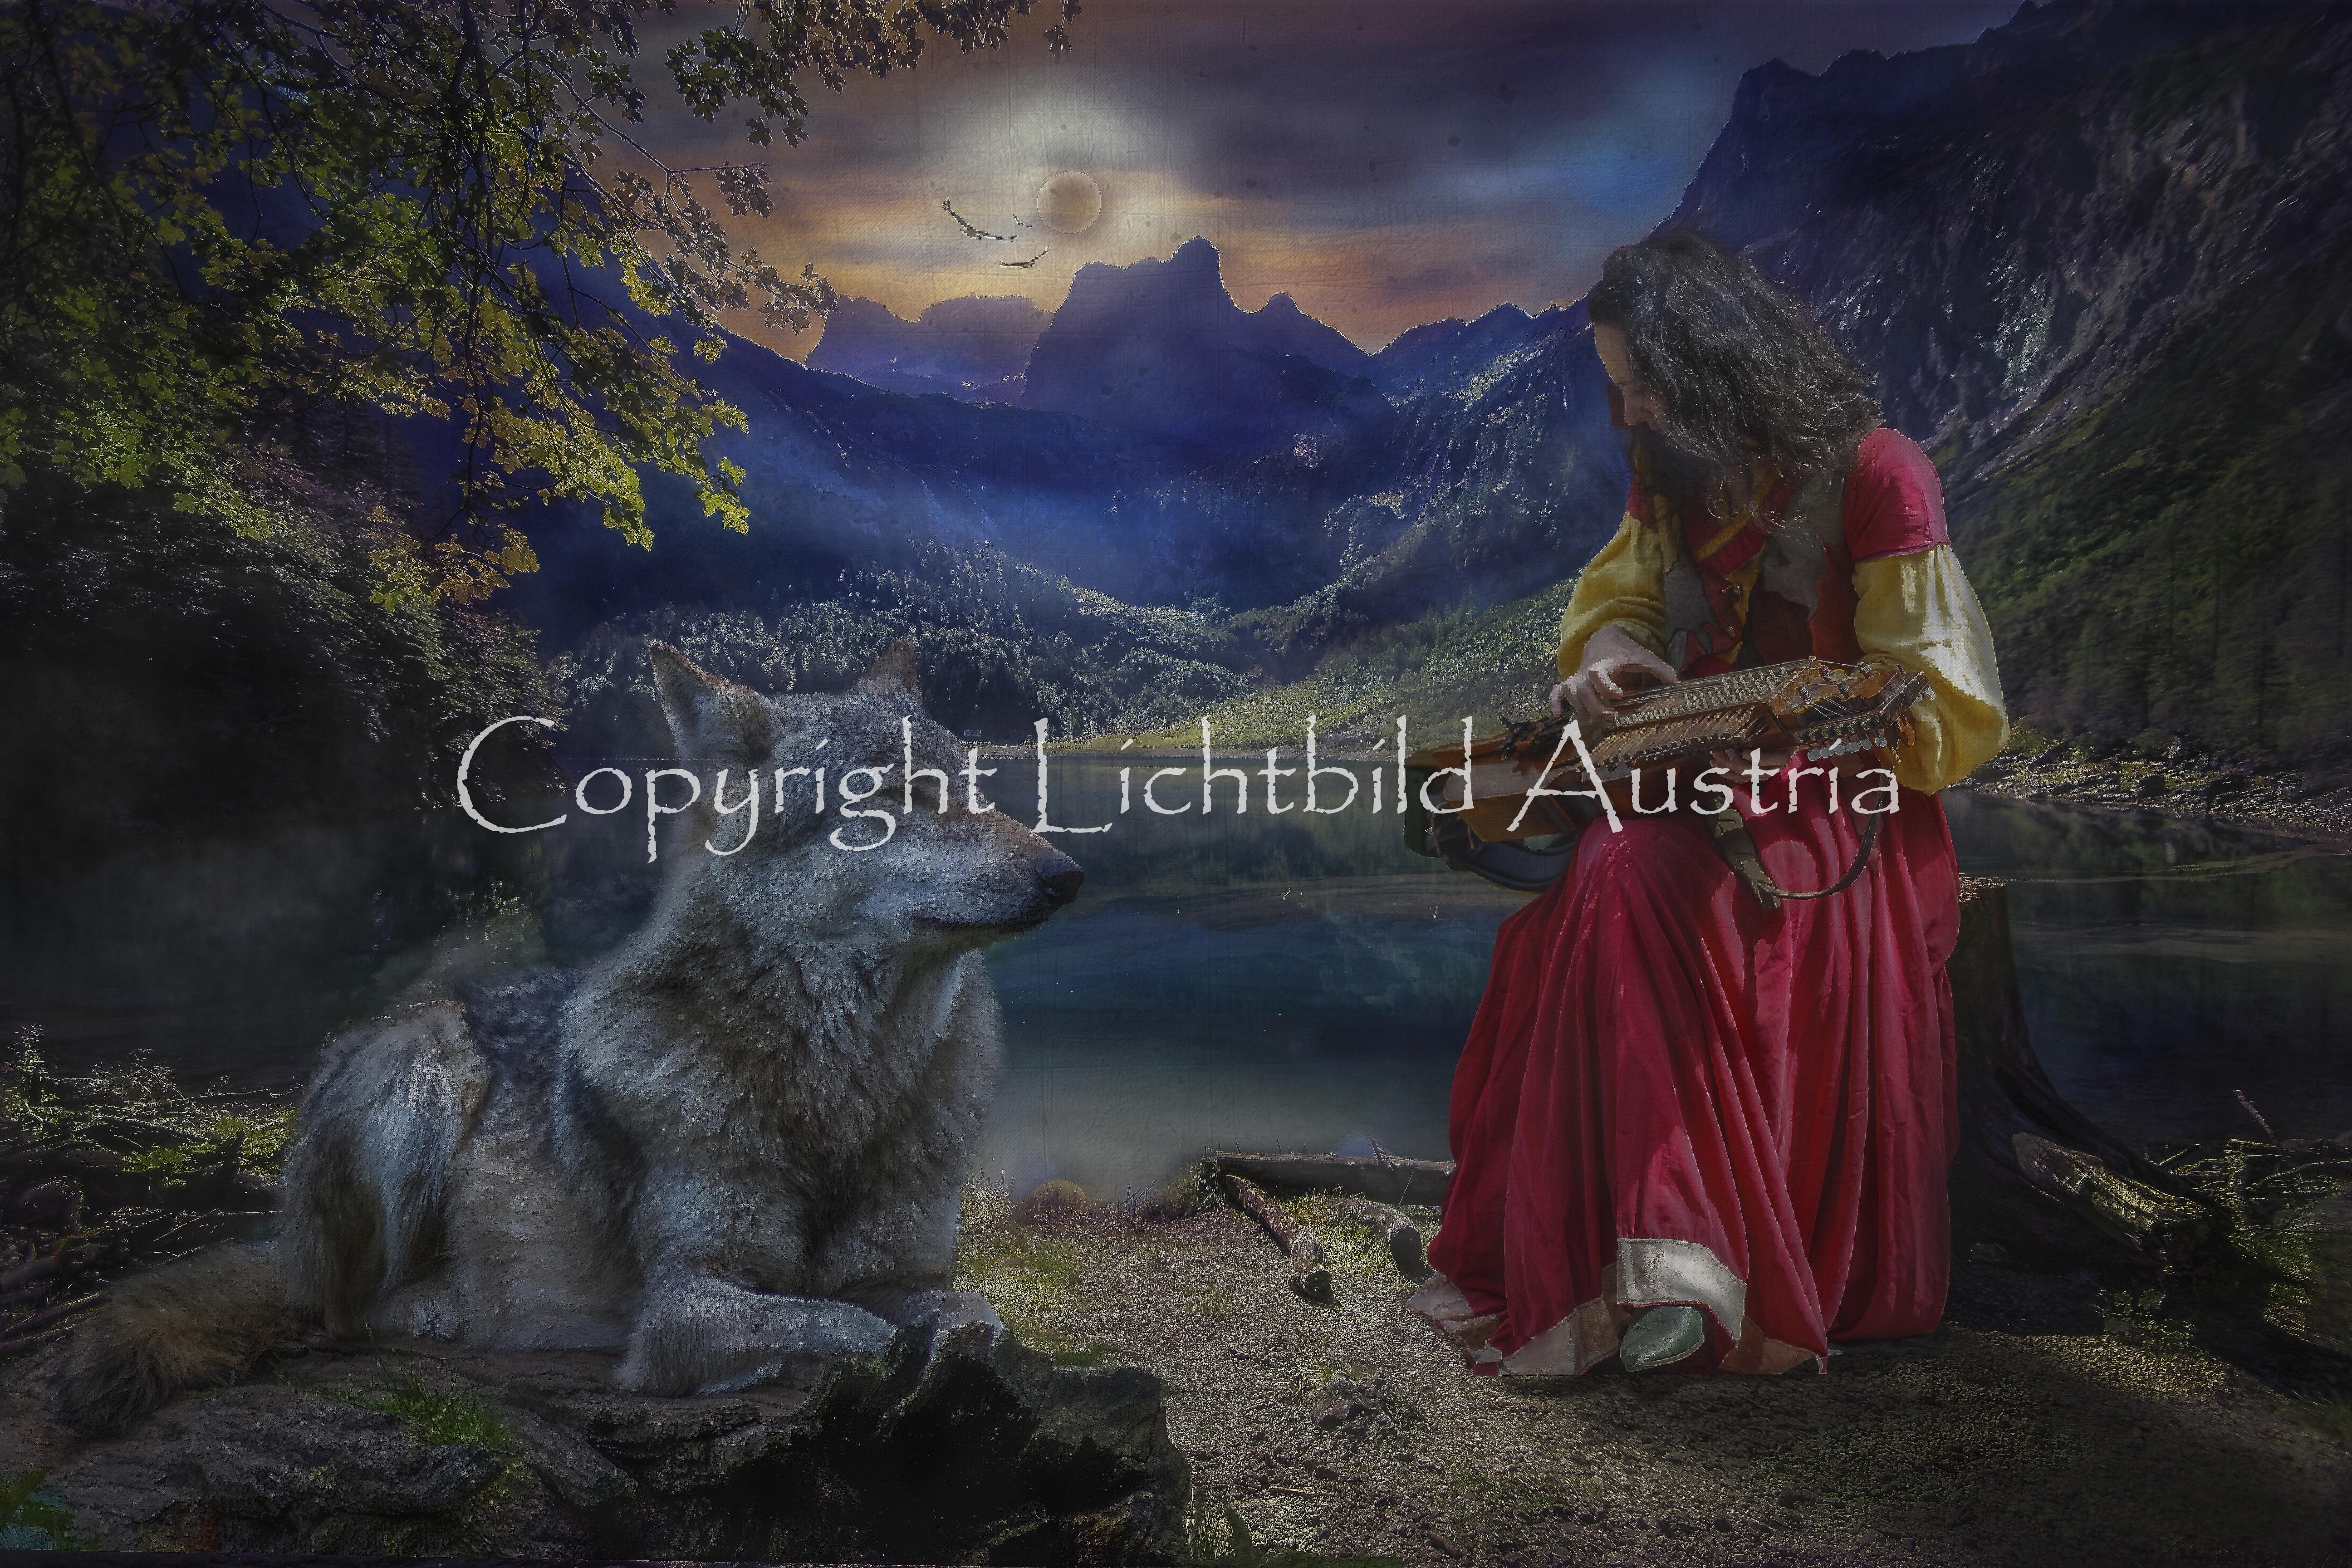 Der Wolf und das Mädchen